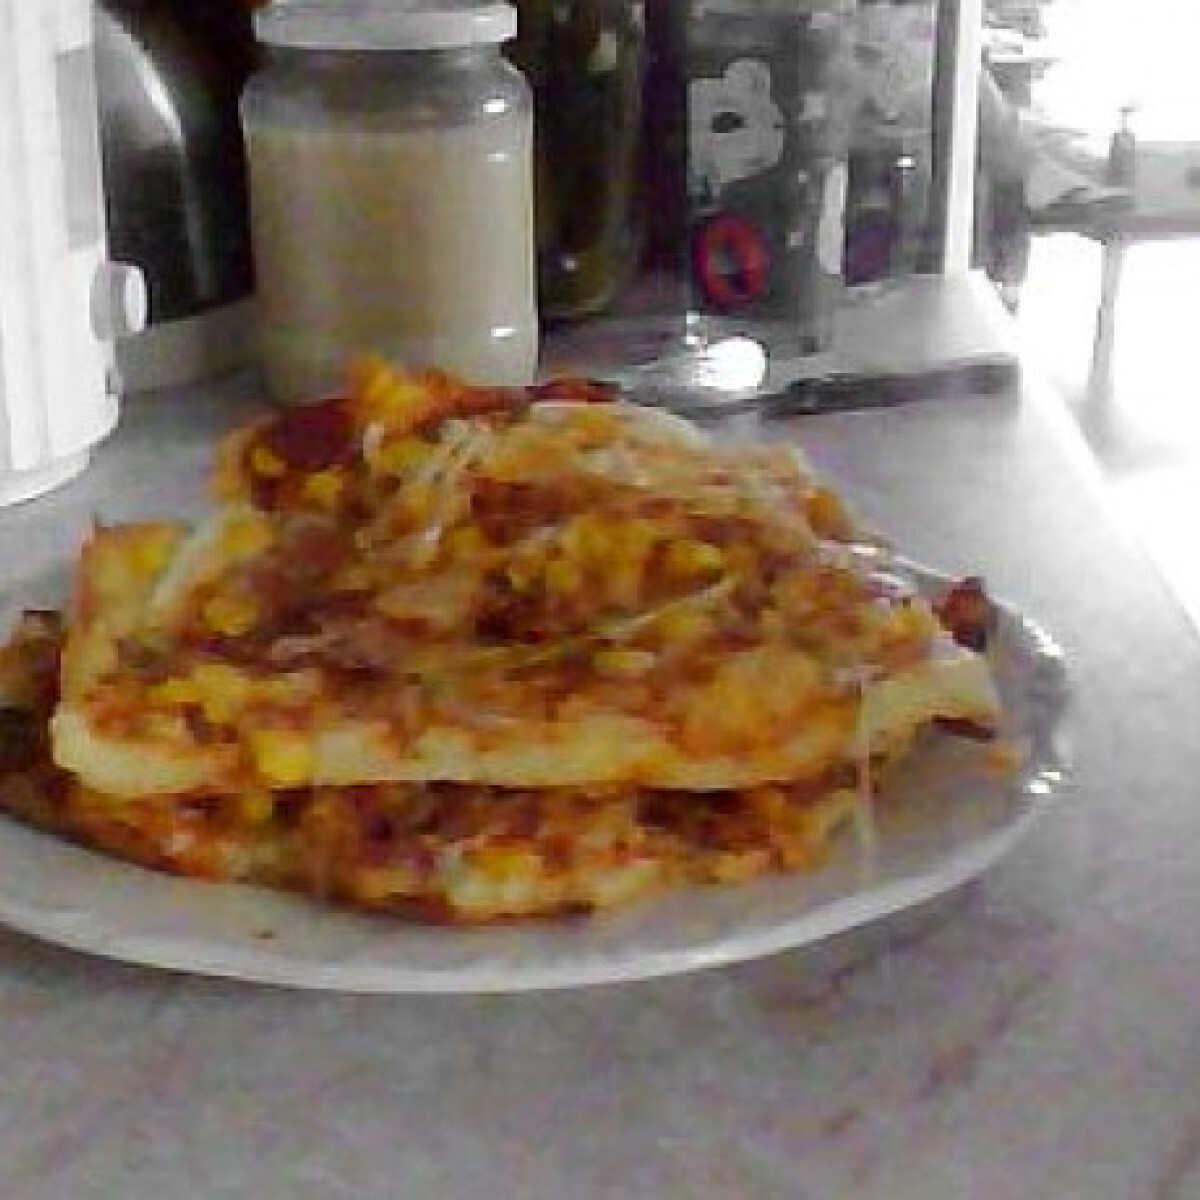 Ezen a képen: Gluténmentes pizza csak rizslisztből